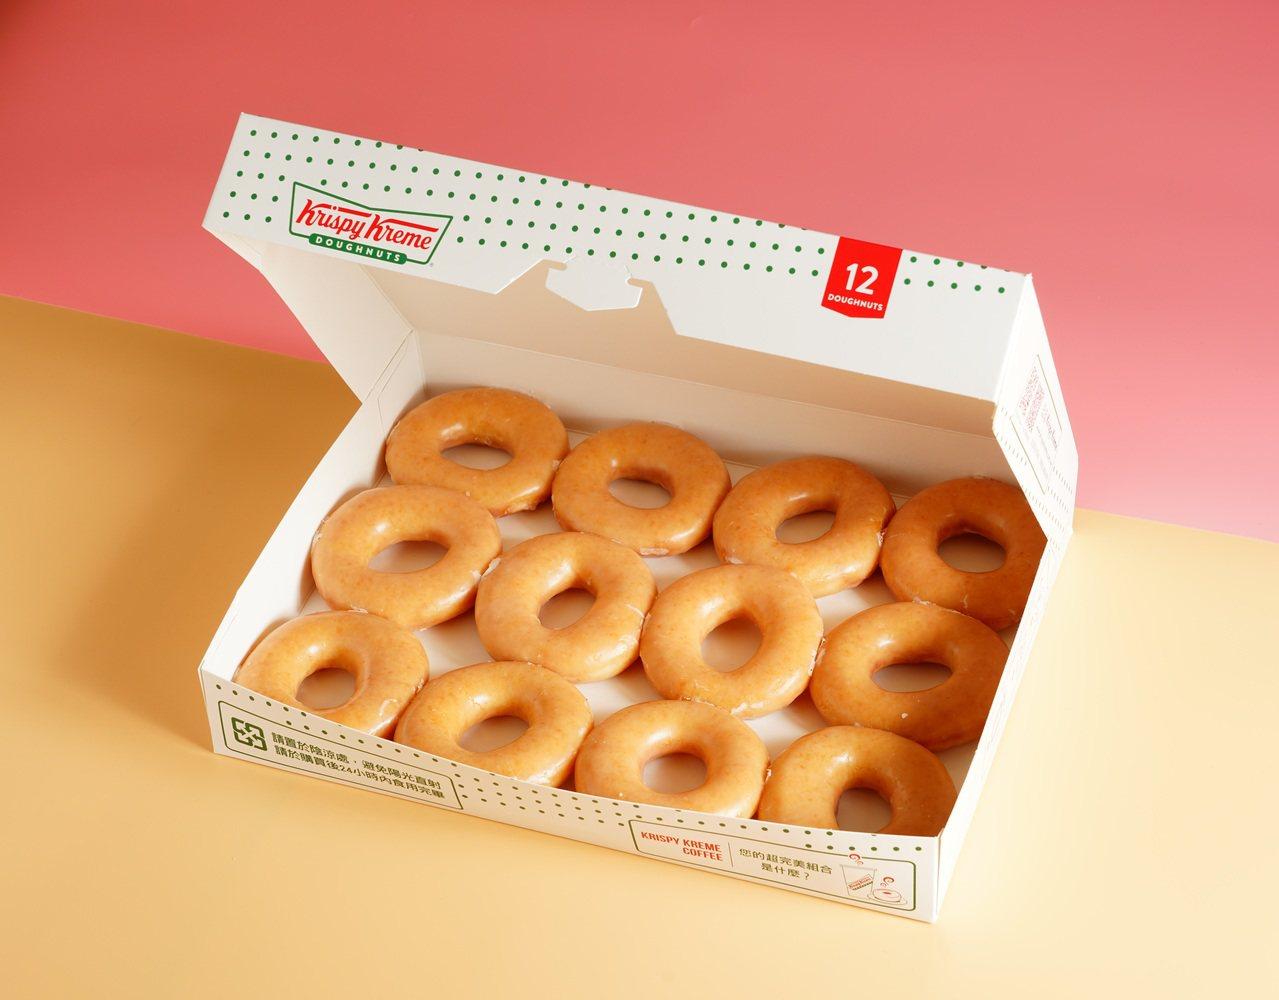 11/11當天,Krispy Kreme原味糖霜甜甜圈加購11元。圖/Krisp...